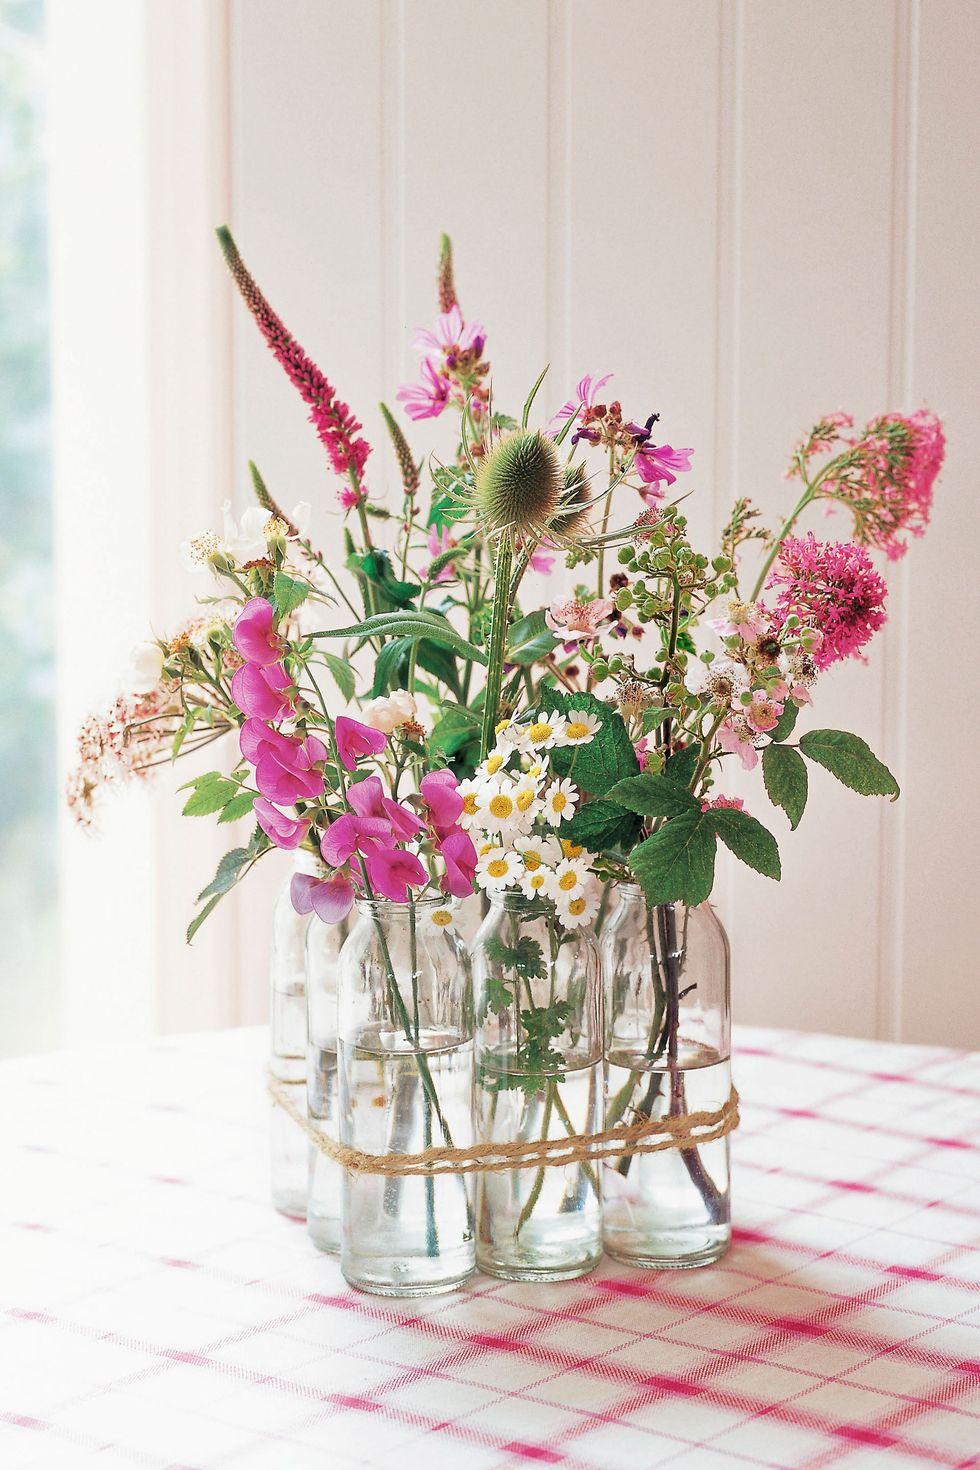 Fabriquez vos propres vases